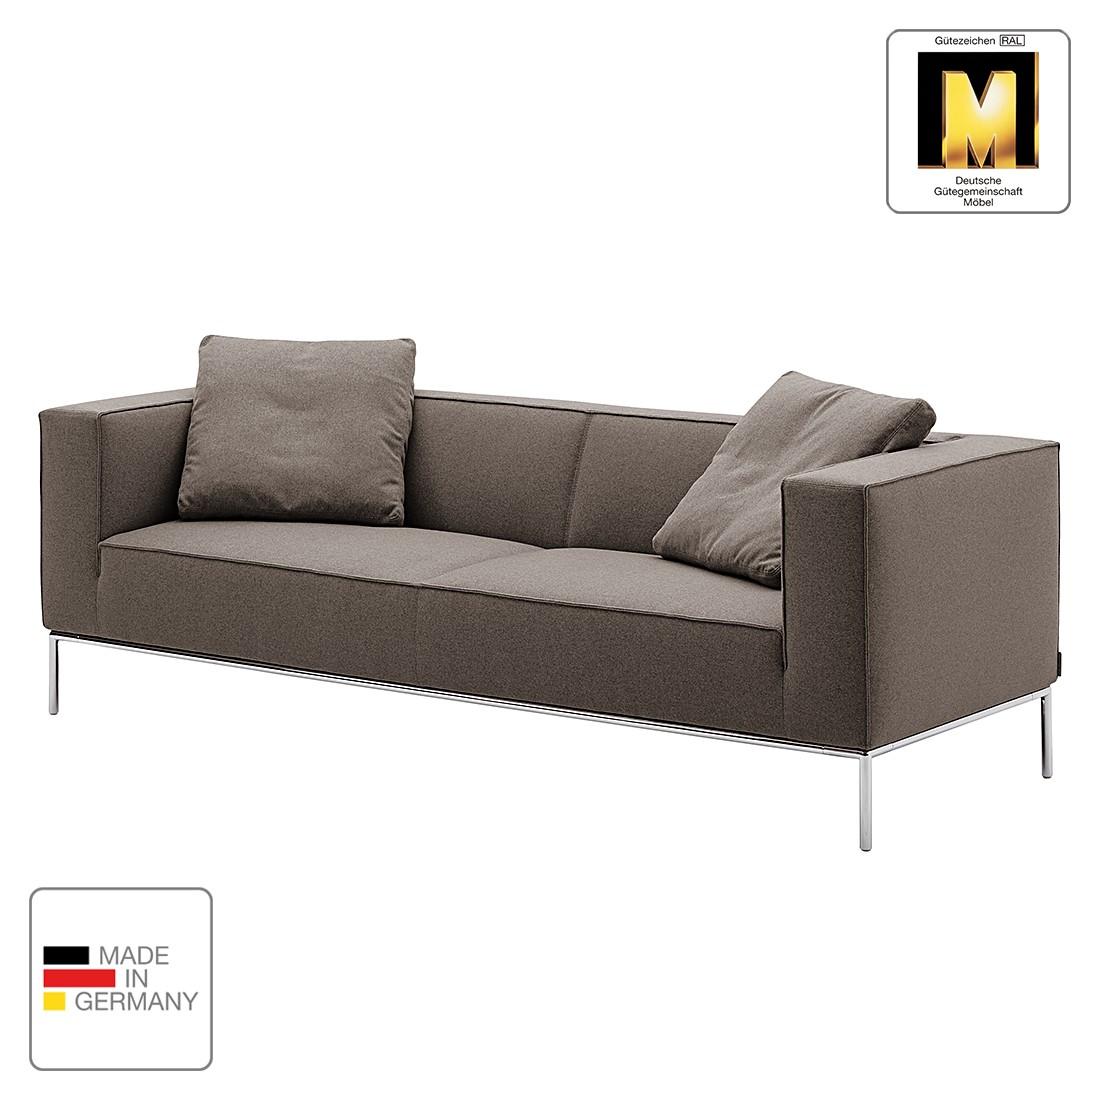 Sofa Greg (3-Sitzer) - Webstoff - Graubraun - Ohne Kissen, Machalke Polsterwerkstätten